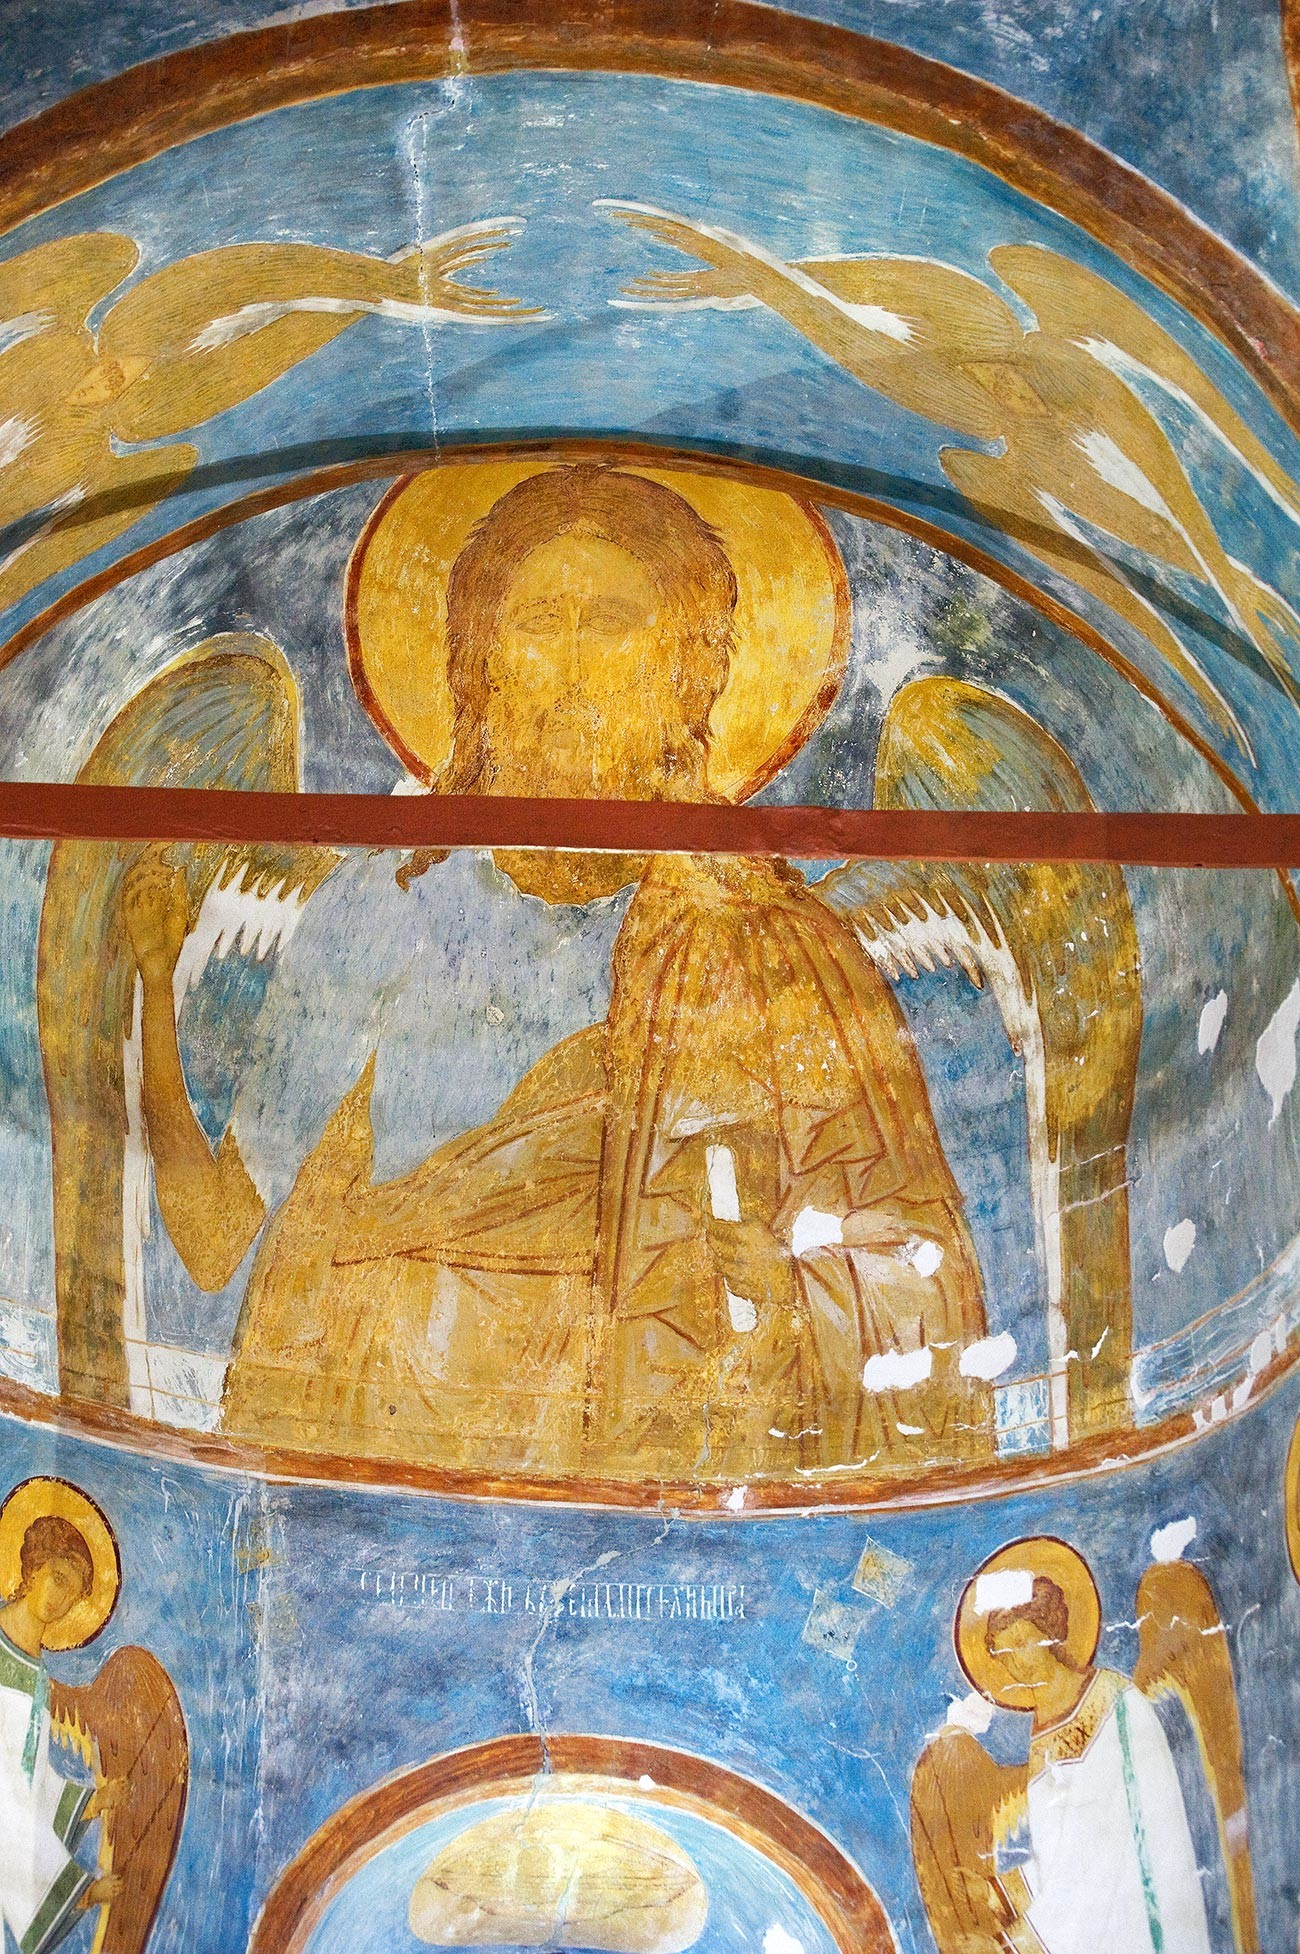 Cathédrale de la Nativité. Abside nord avec fresque de Jean le Baptiste, Ange du Désert